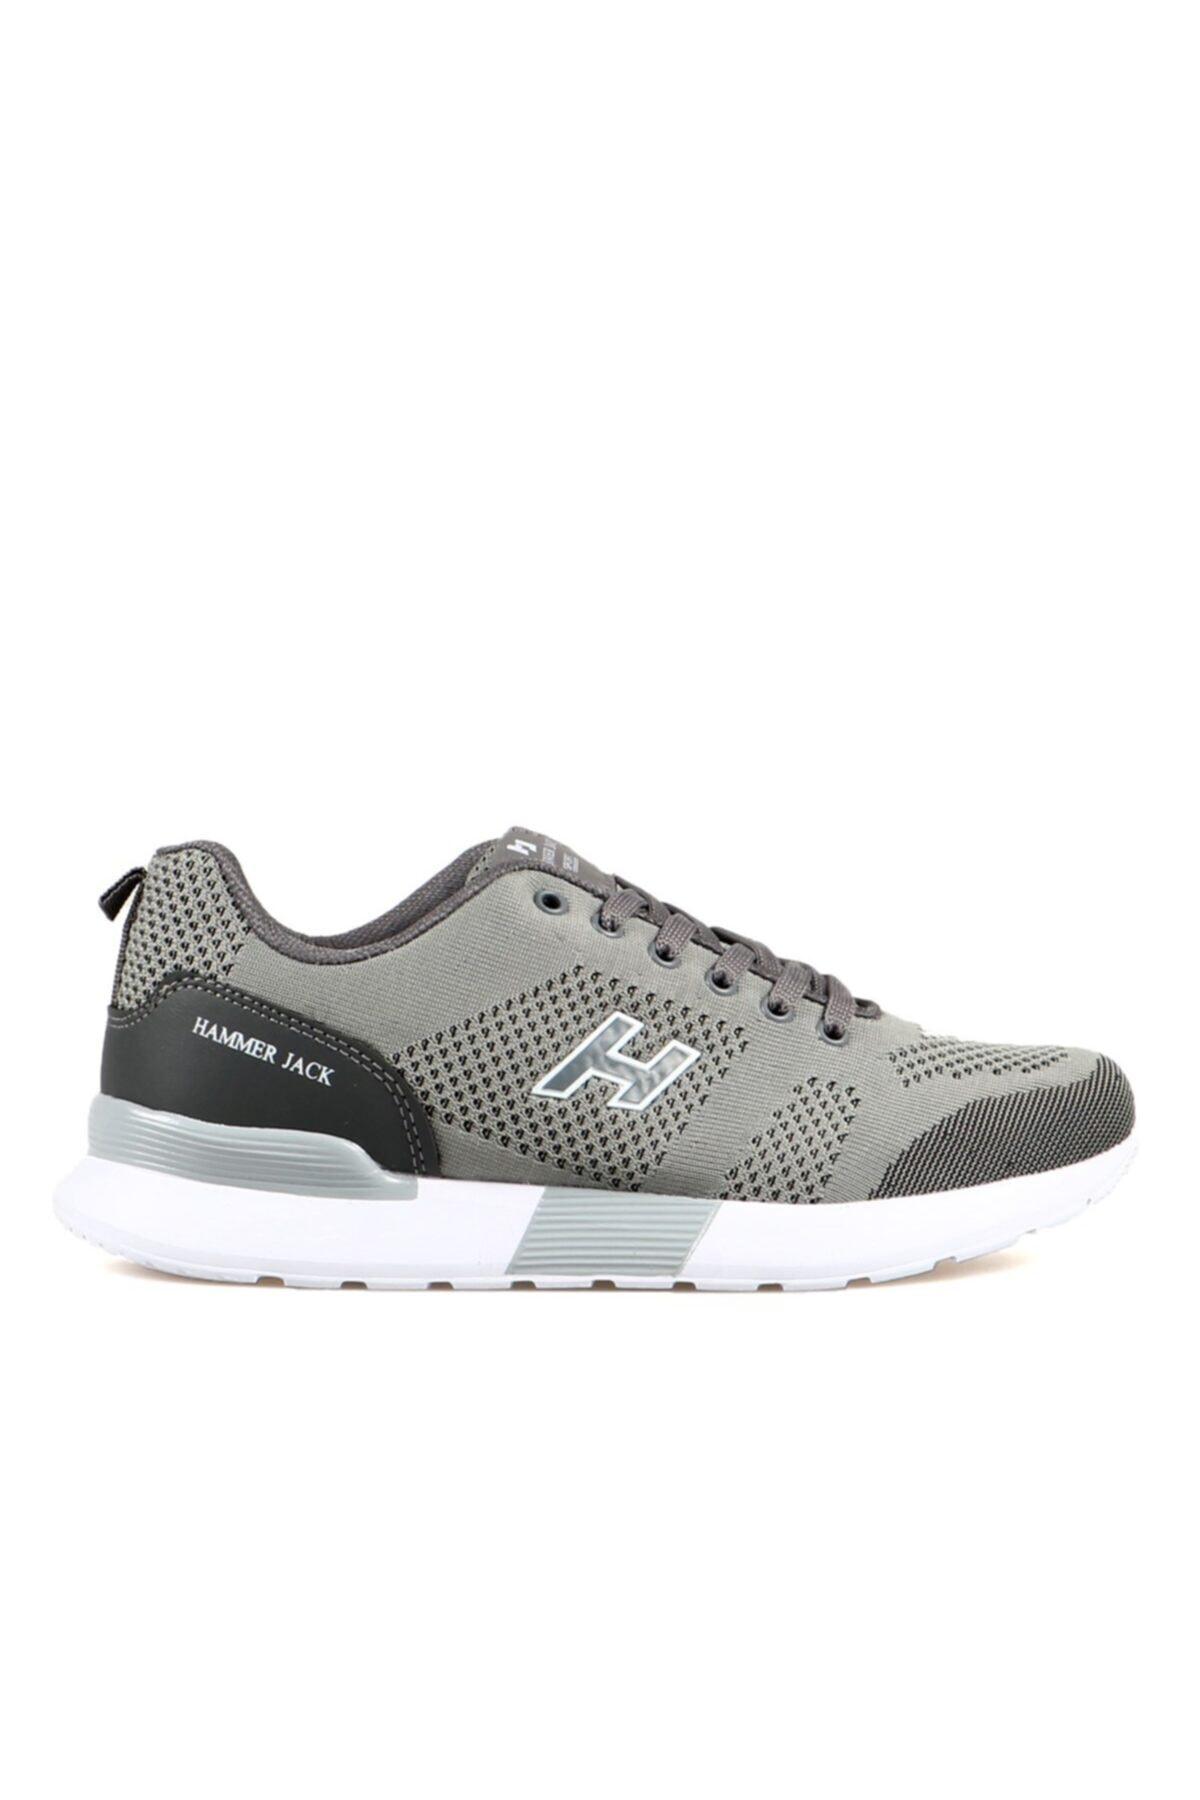 Hammer Jack Kadın Füme Sneaker Ayakkabı 561 1015-z